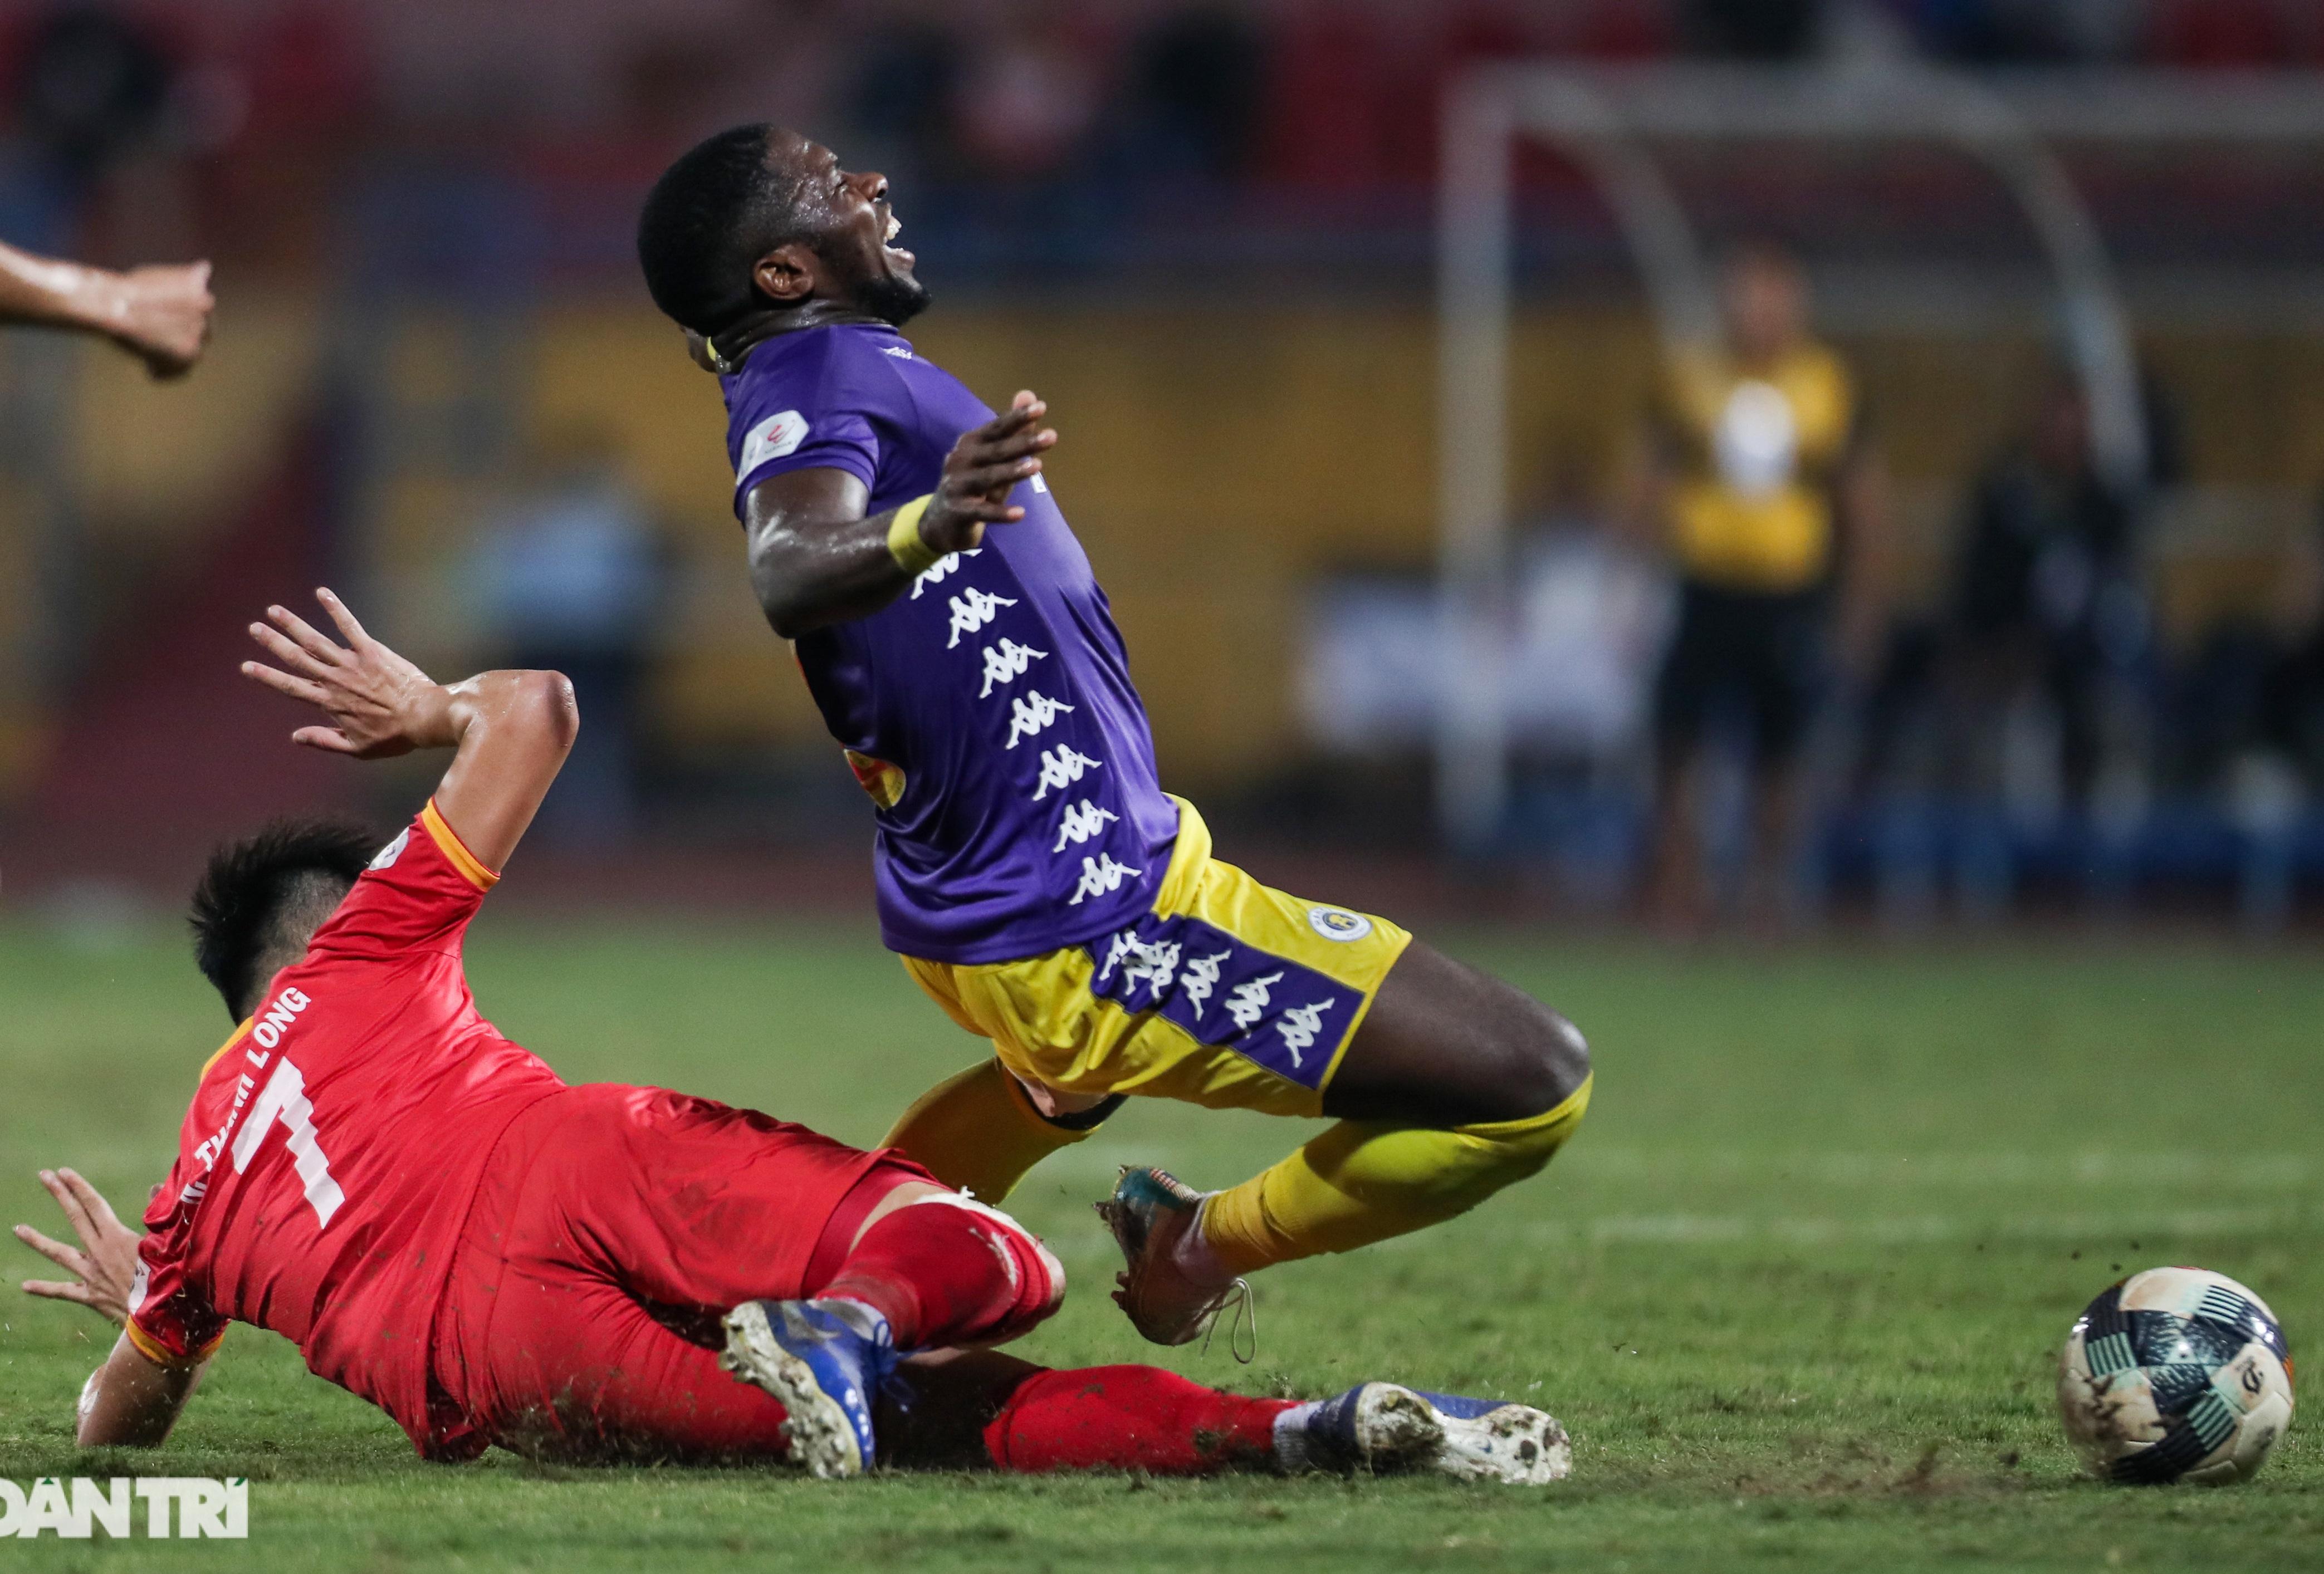 Lập công ở phút 90, Quang Hải đưa CLB Hà Nội lên ngôi đầu V-League - 6